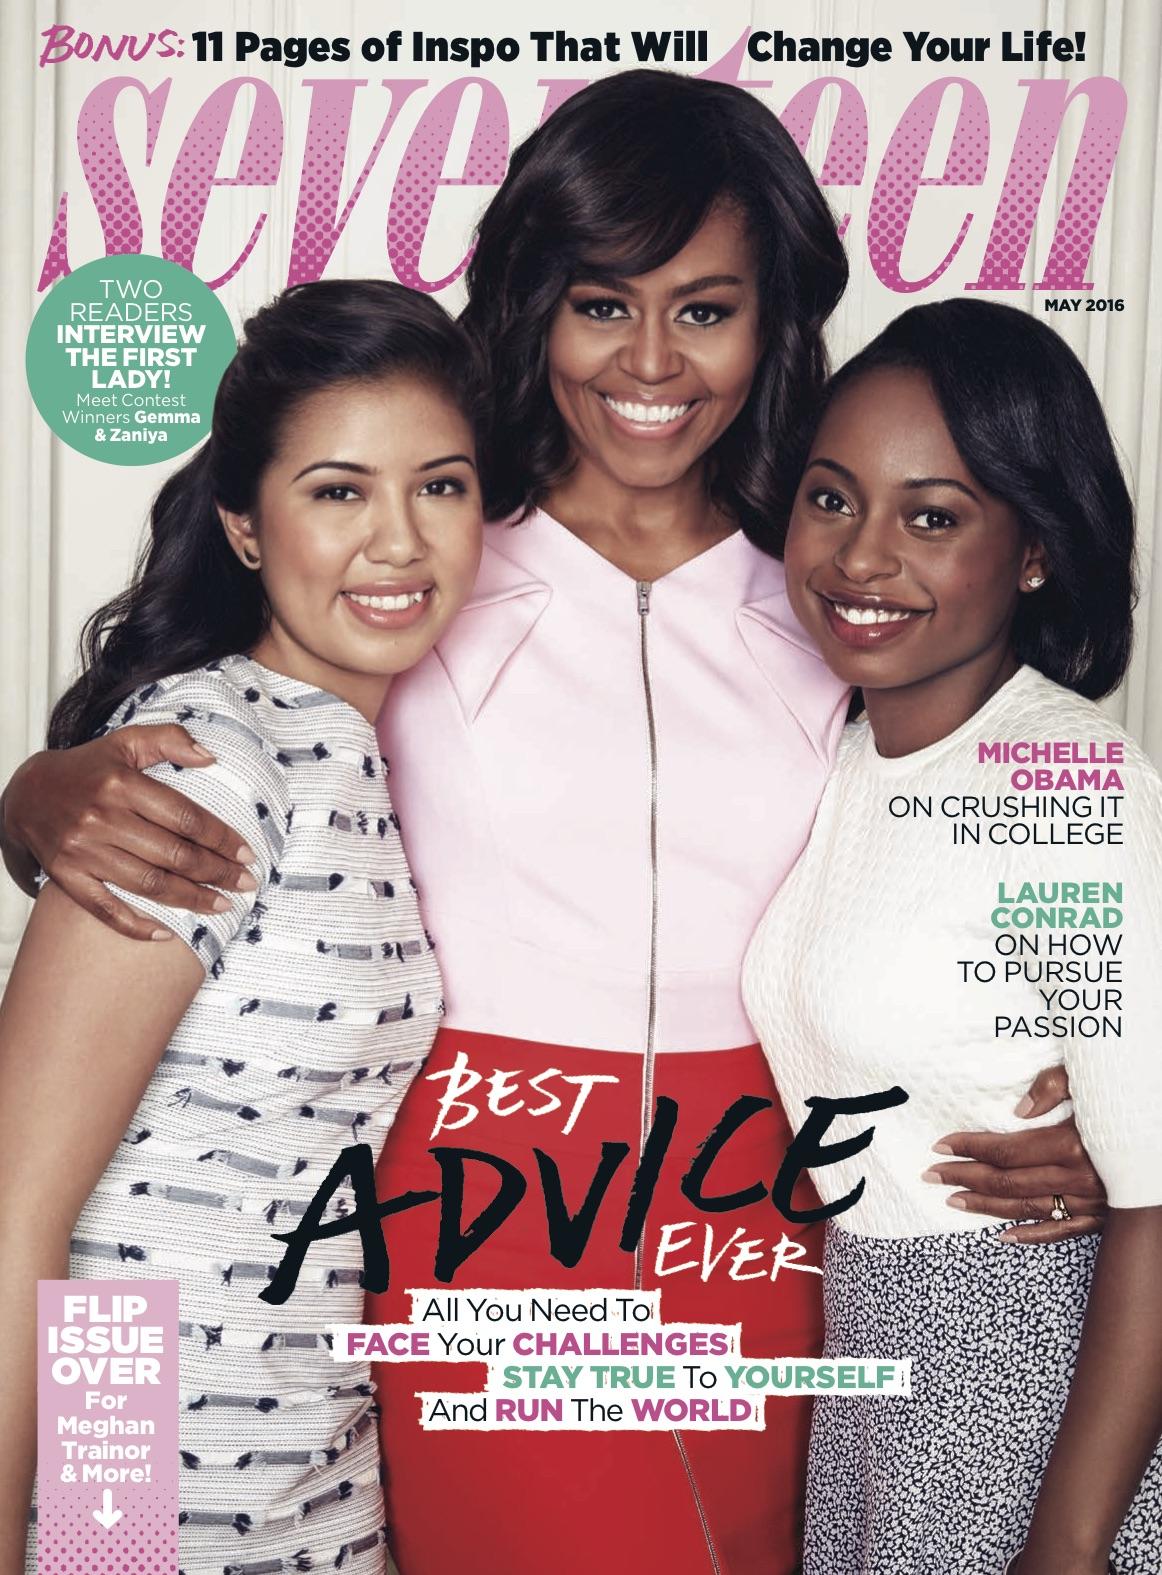 SEV MAY Obama Flip Cover.jpg